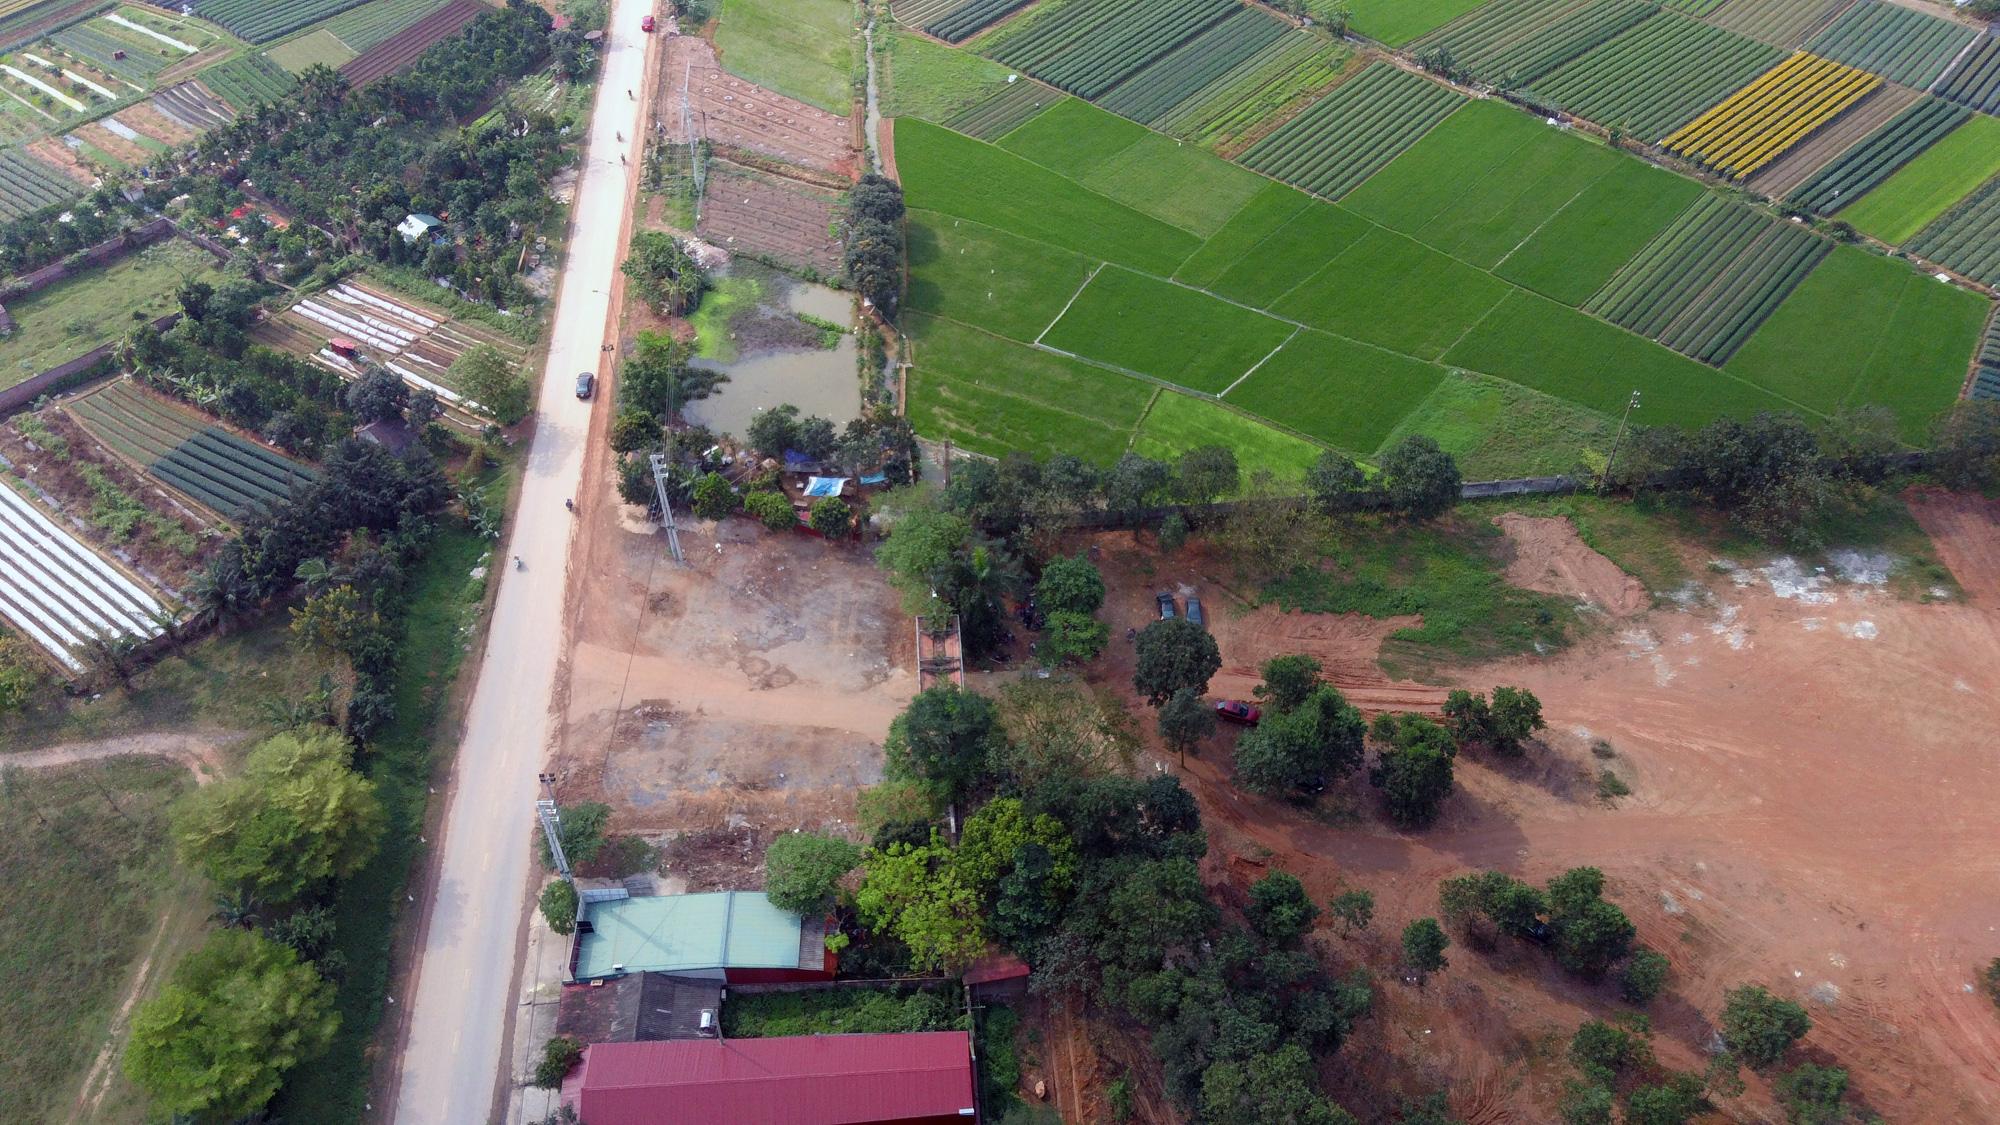 Hà Nội sửa xong bệnh viện bỏ hoang ở Mê Linh làm khu cách li chống dịch Covid-19 - Ảnh 6.